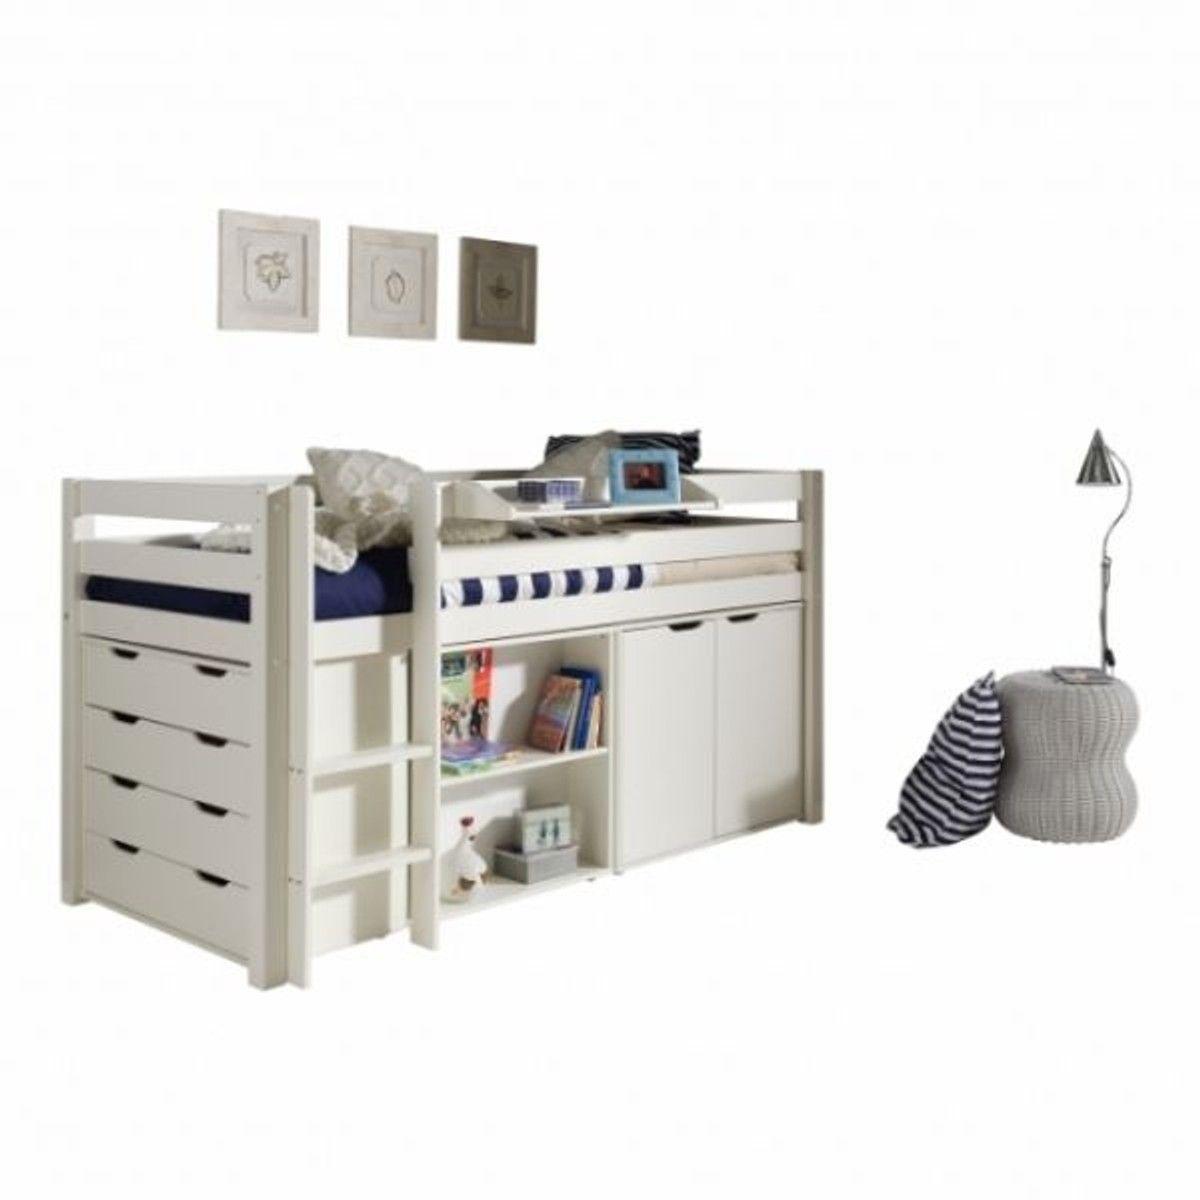 Commode 4 tiroirs pour lit mezzanine mi-hauteur Wild | Lit mezzanine, Mobilier lit, Lit mi hauteur